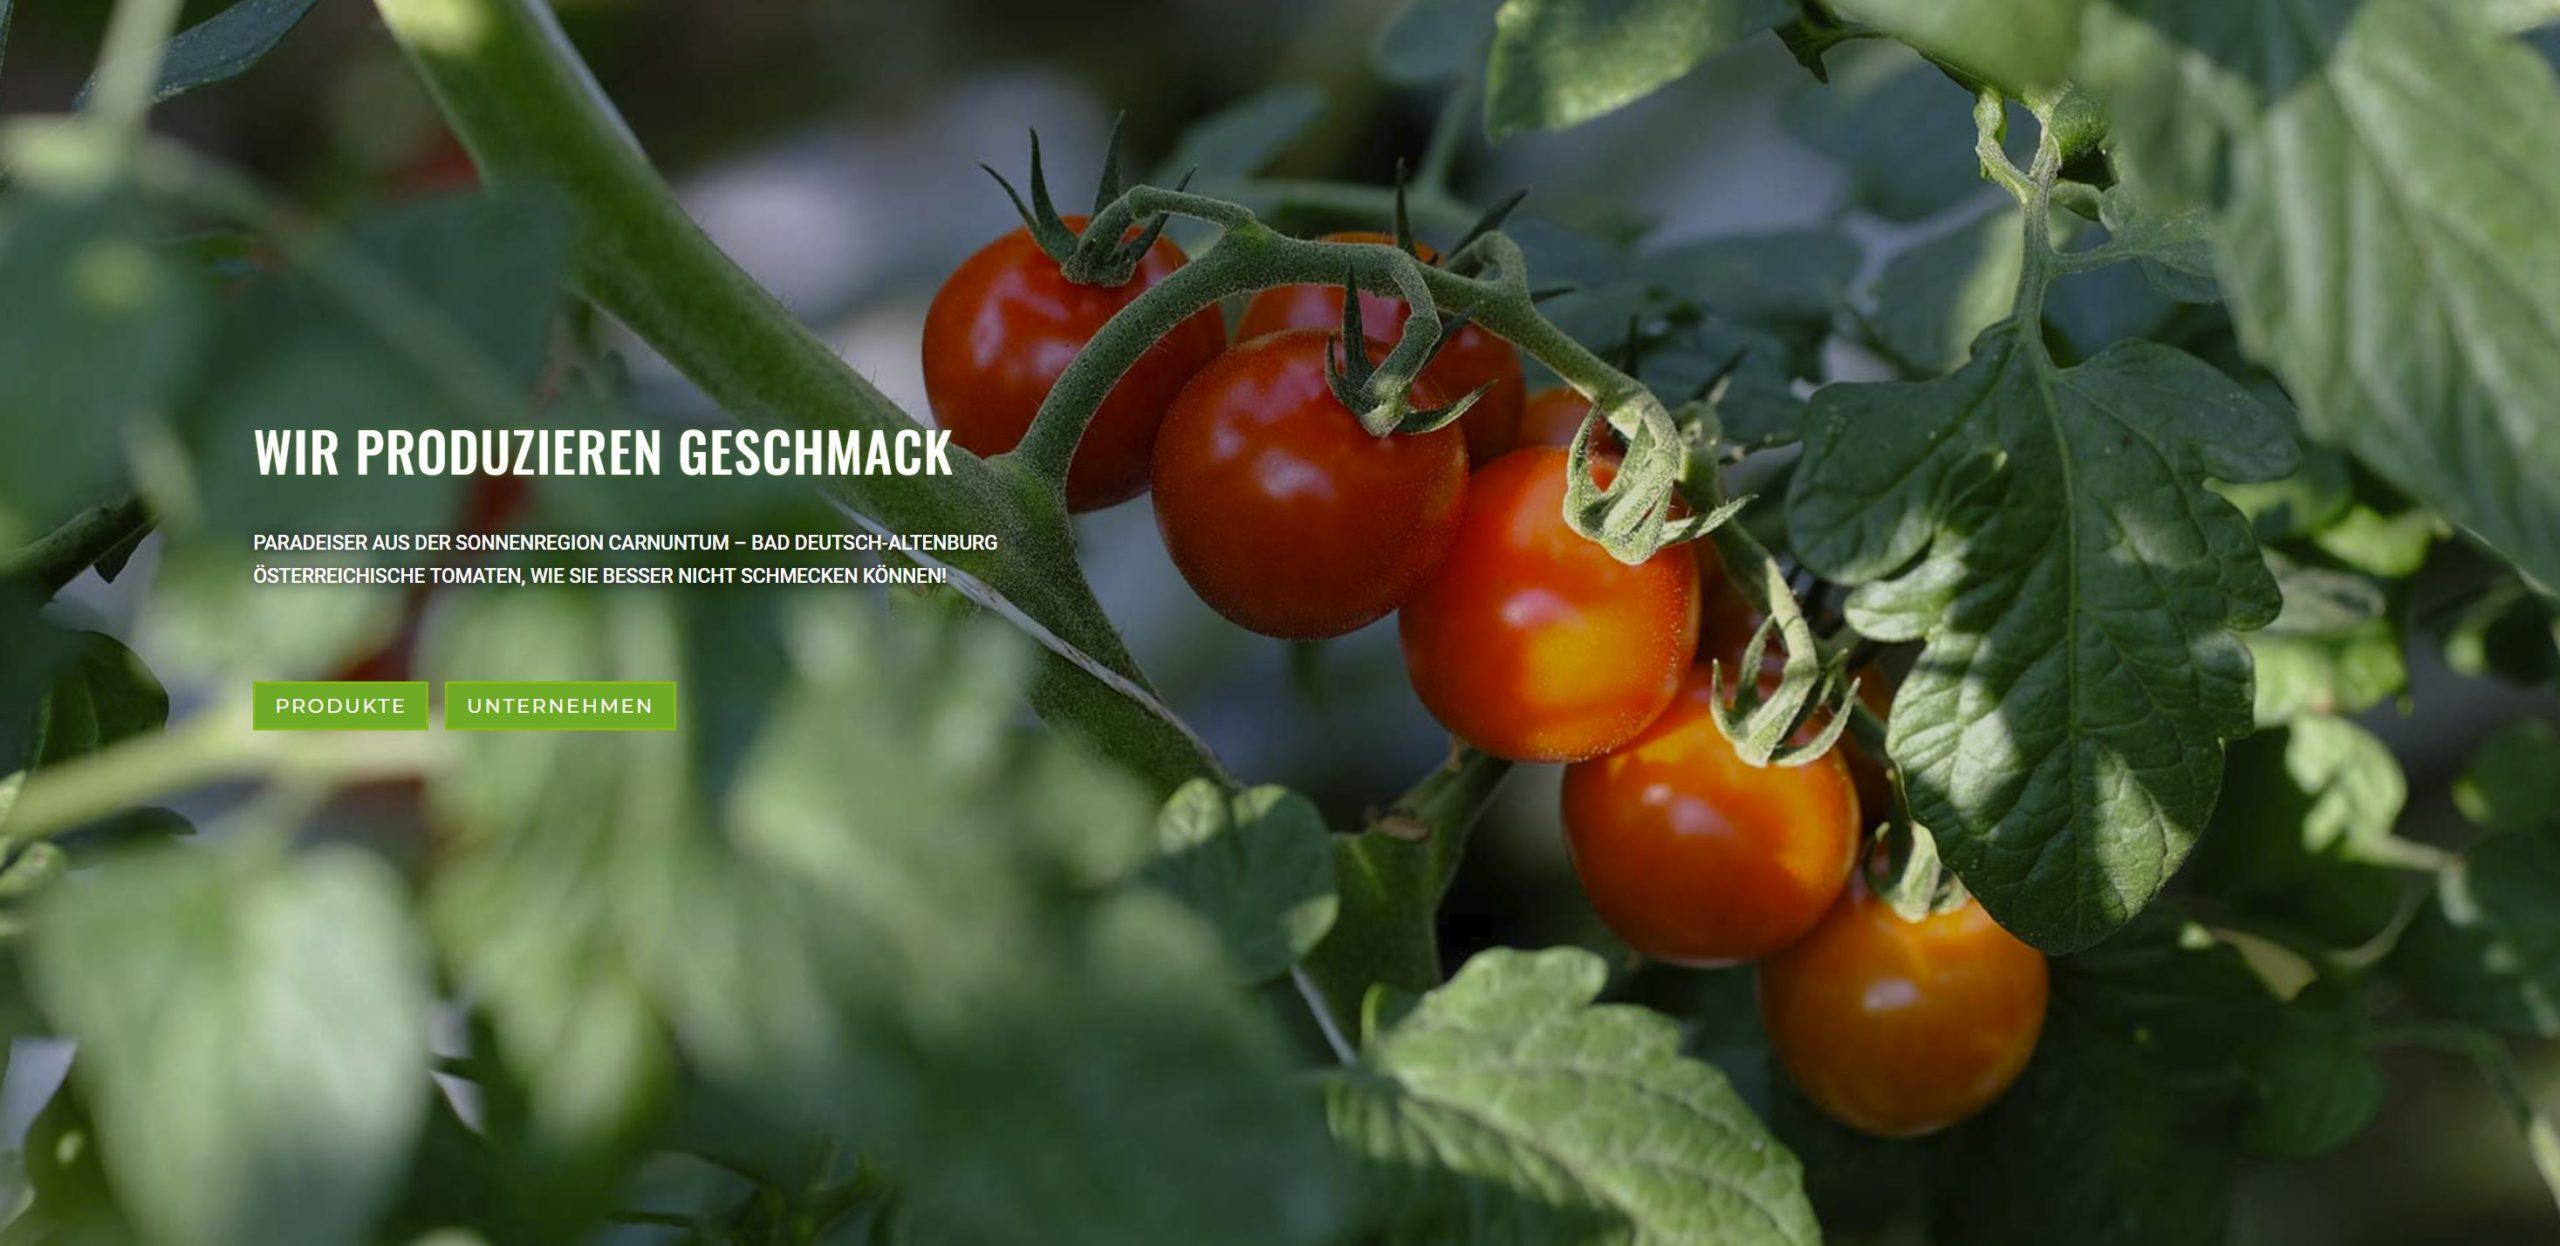 Tomatenproduktion aus Österreich